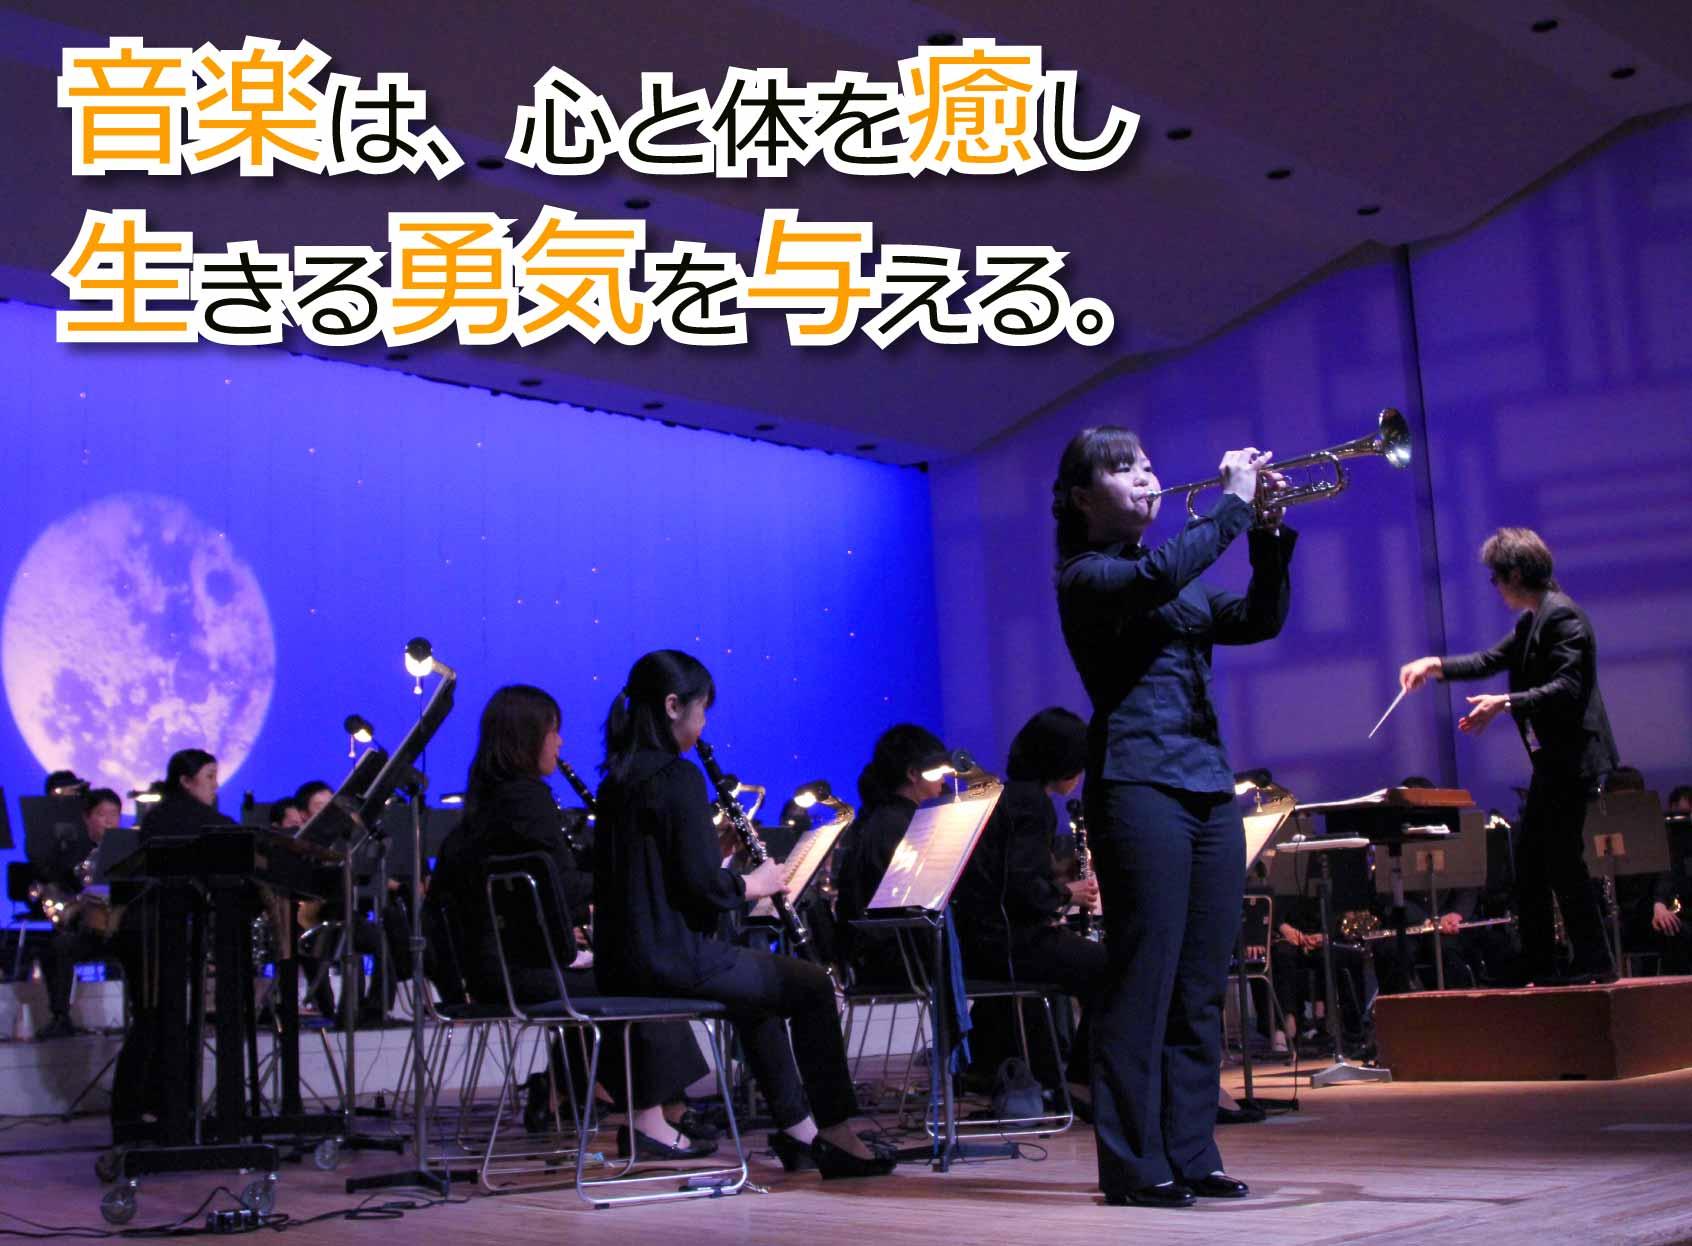 音楽は、心と体を癒し生きる勇気を与える。